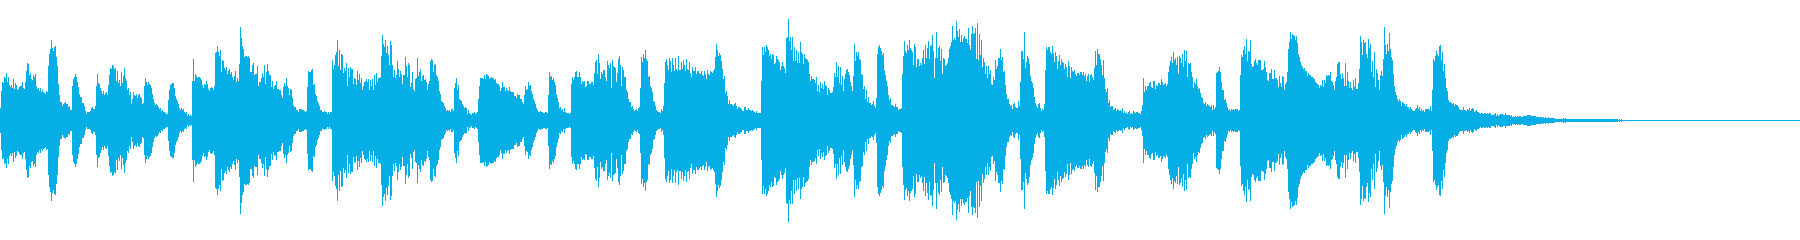 ひょうきんな和風ジングル35-ピアノソロの再生済みの波形